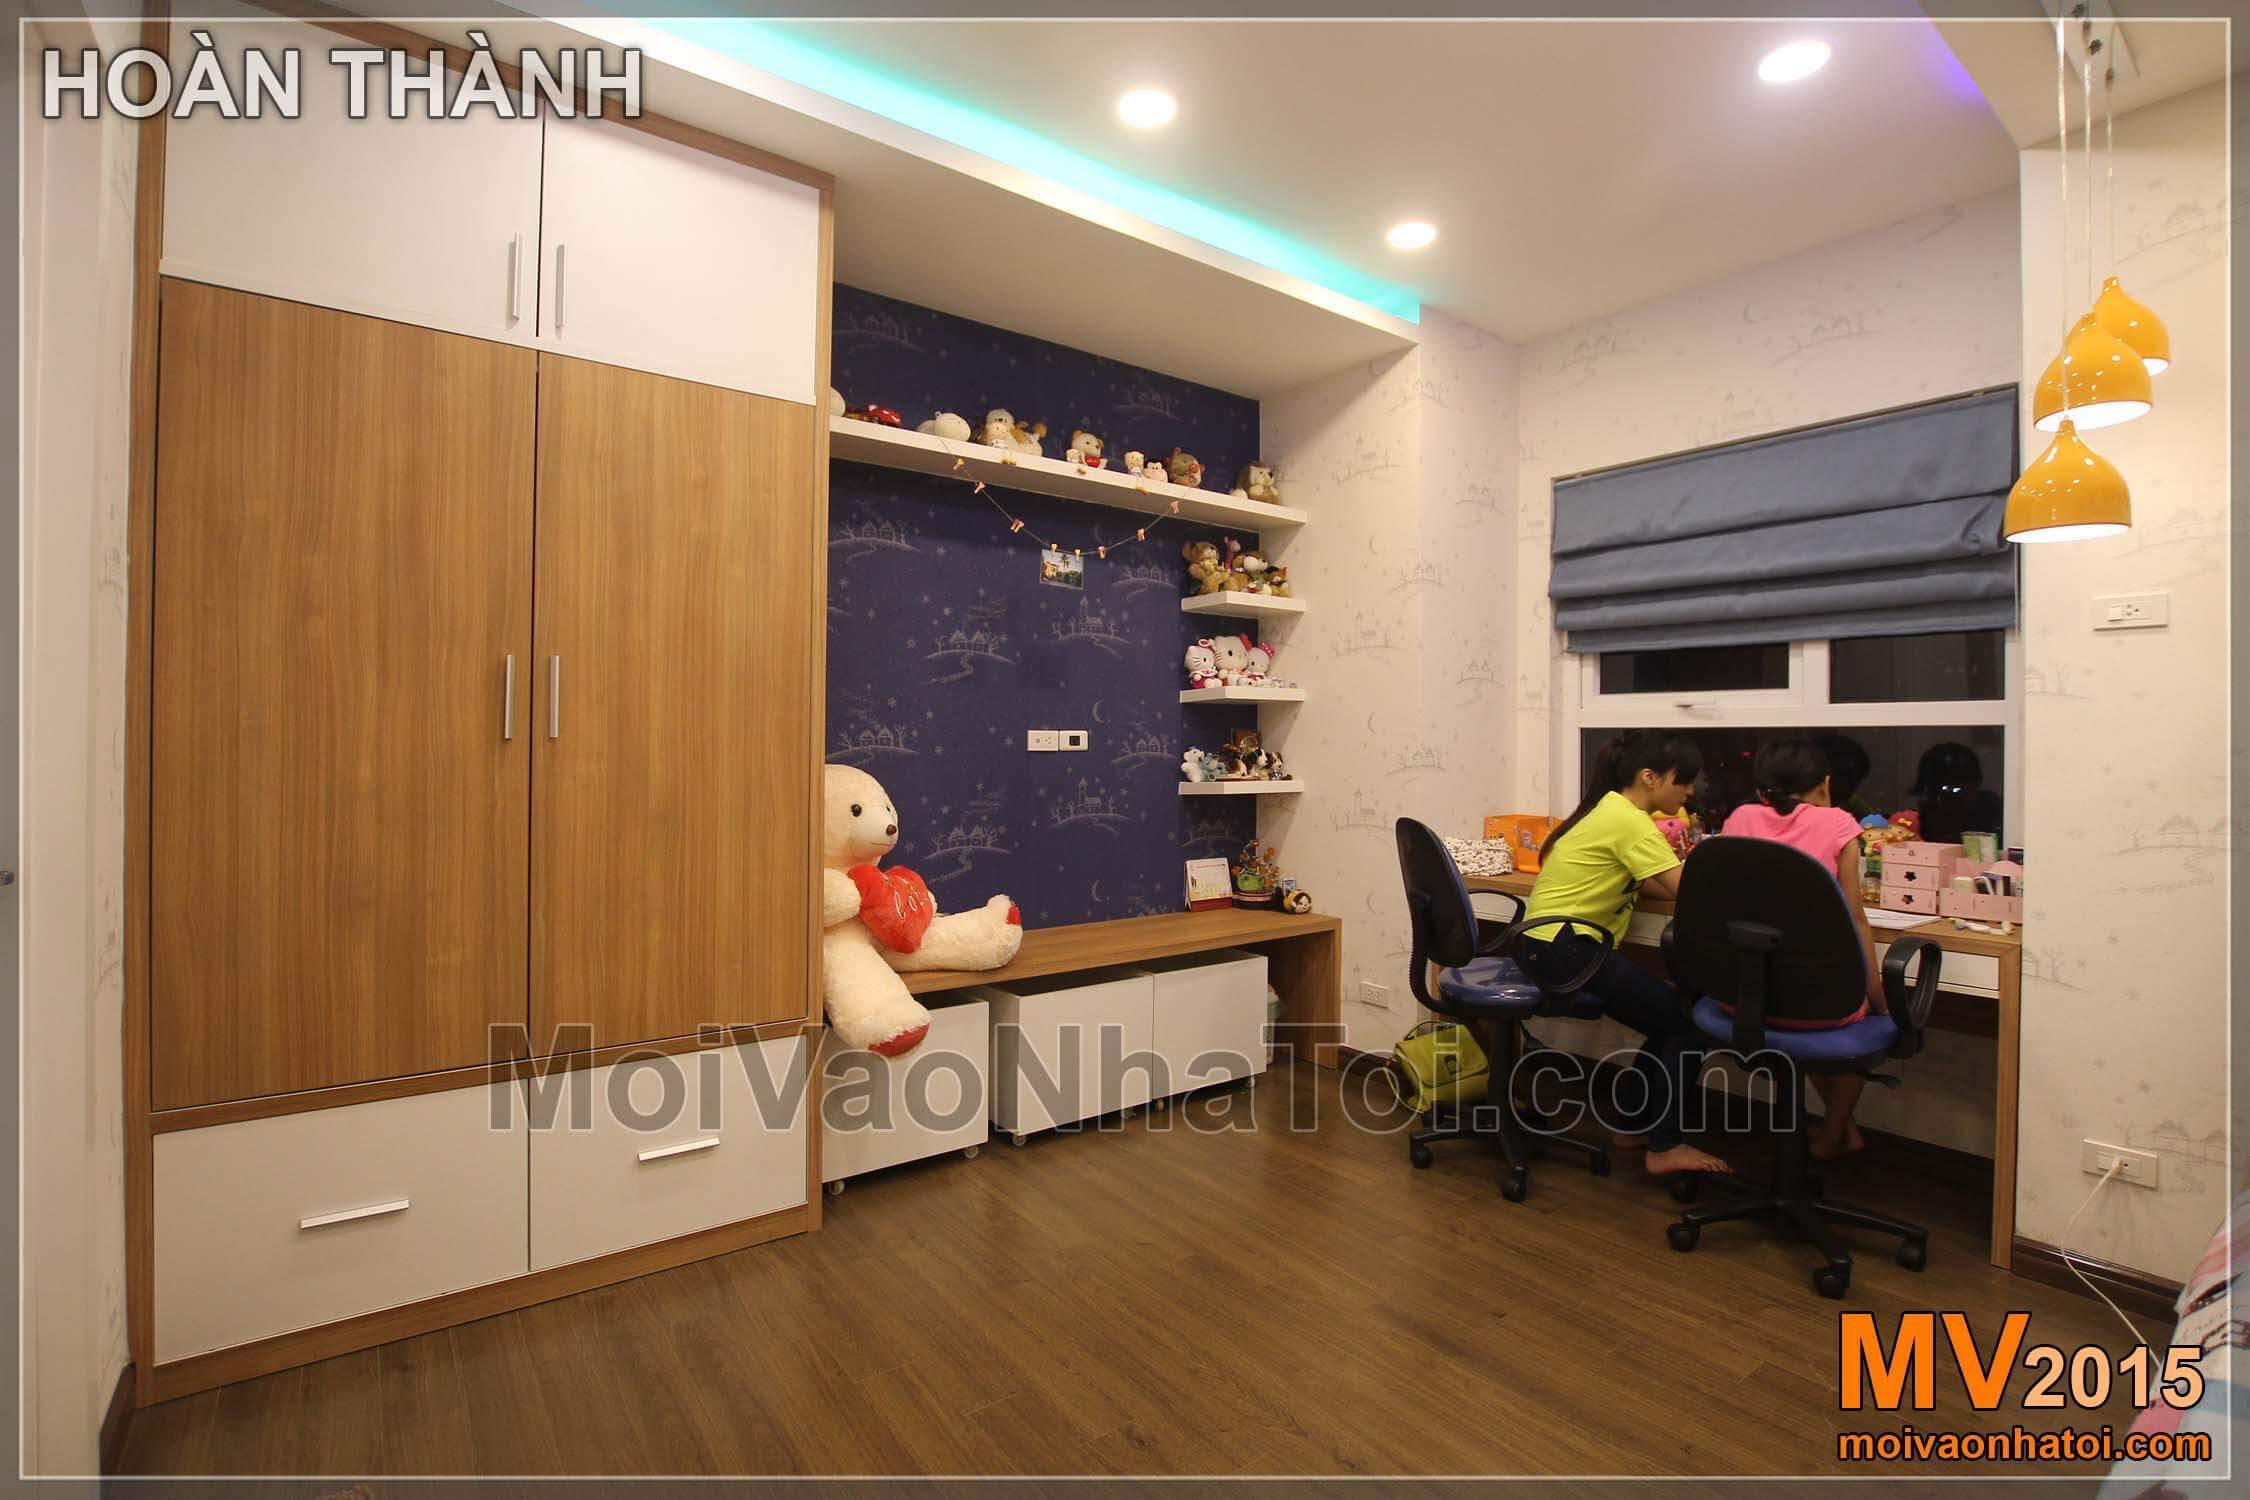 转角衣柜,课桌,公寓Golden Palace 140m2